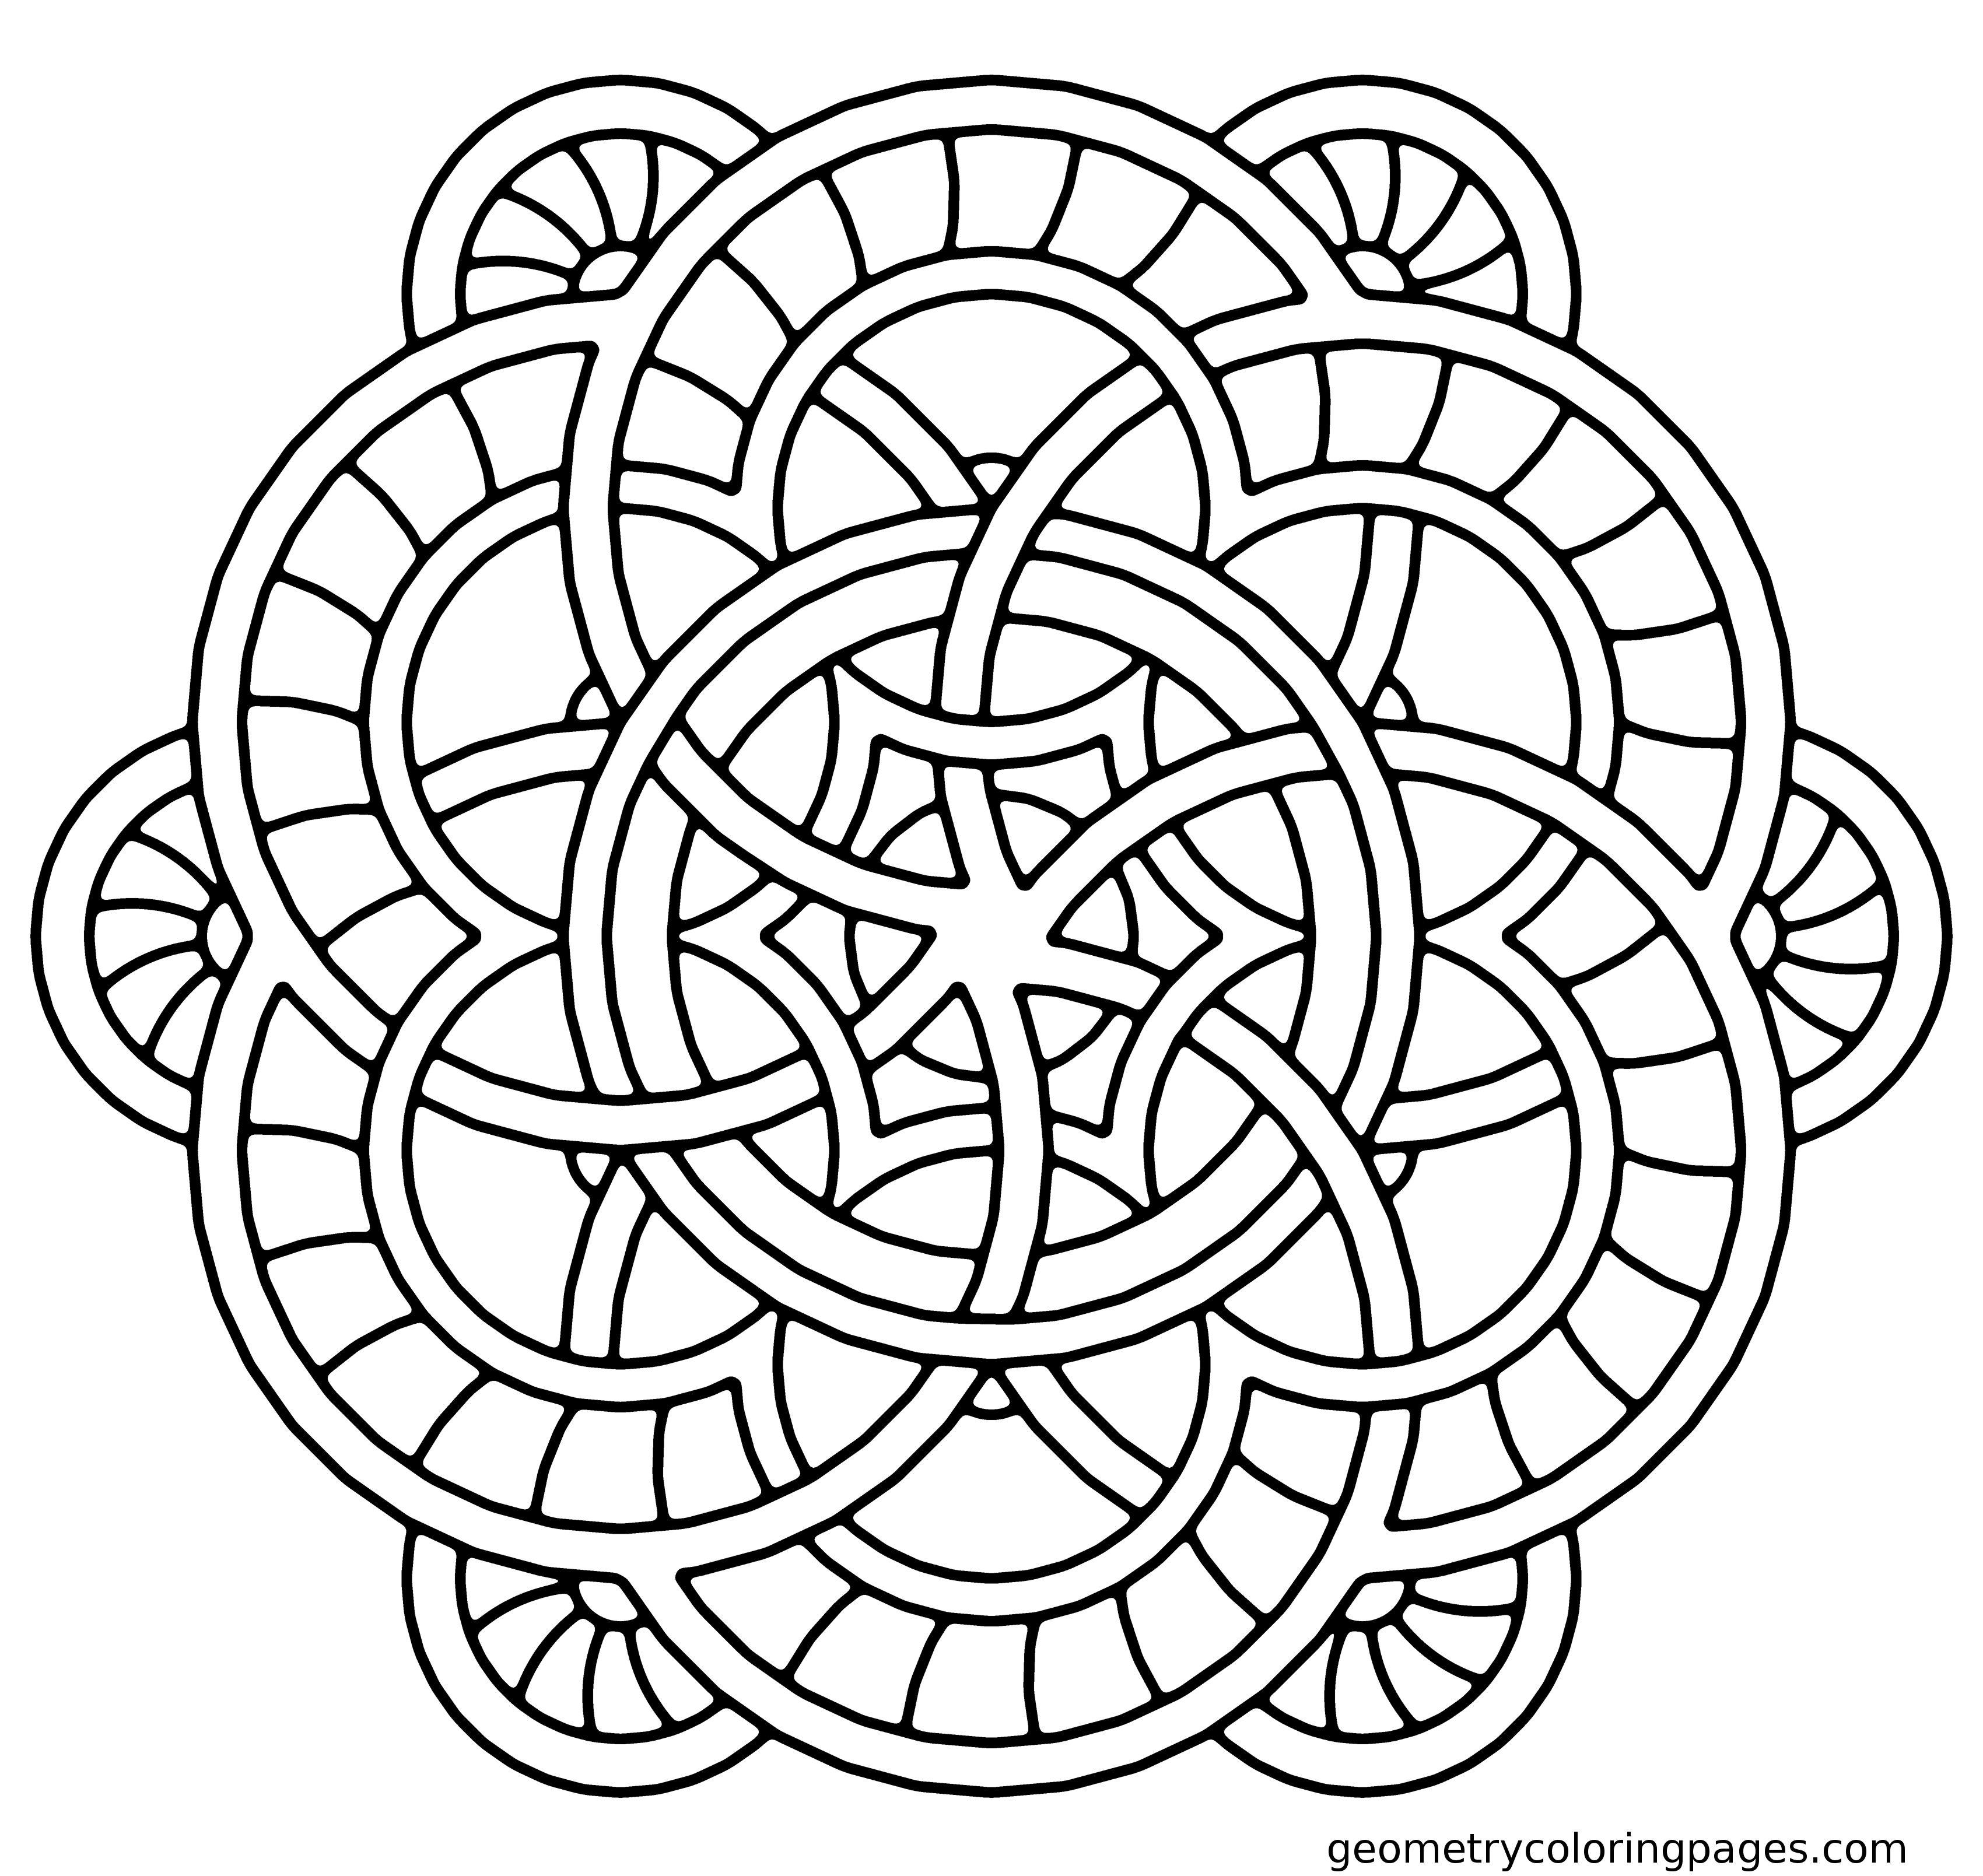 Mandala Coloring Pages — Crafthubs | percolate | Pinterest | Mandala ...